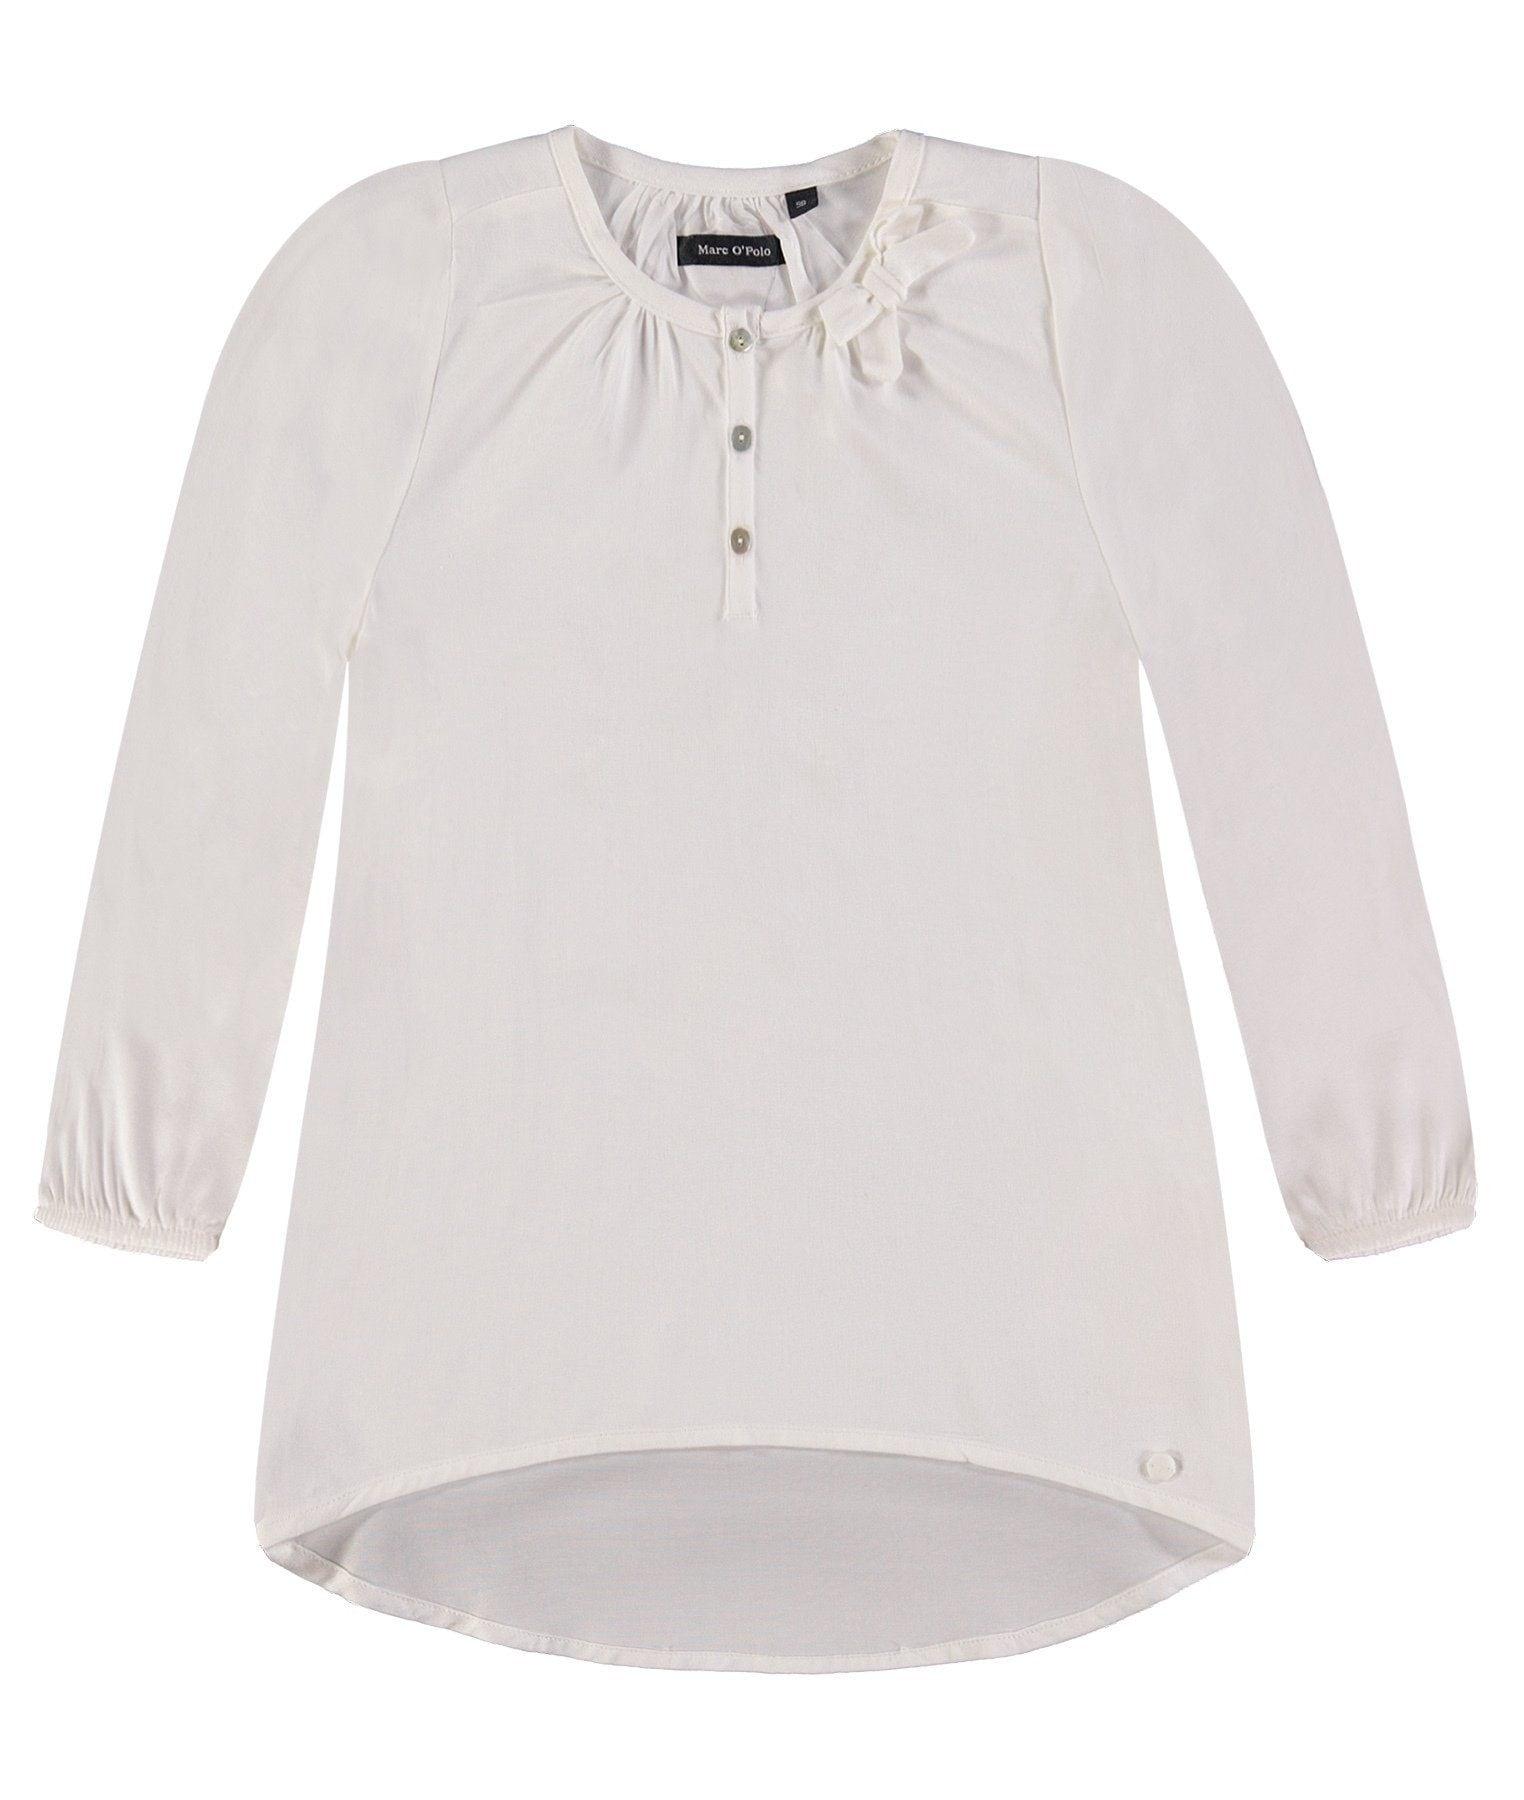 Marc O'Polo Junior Bluse weiche Viskose trendig elegant